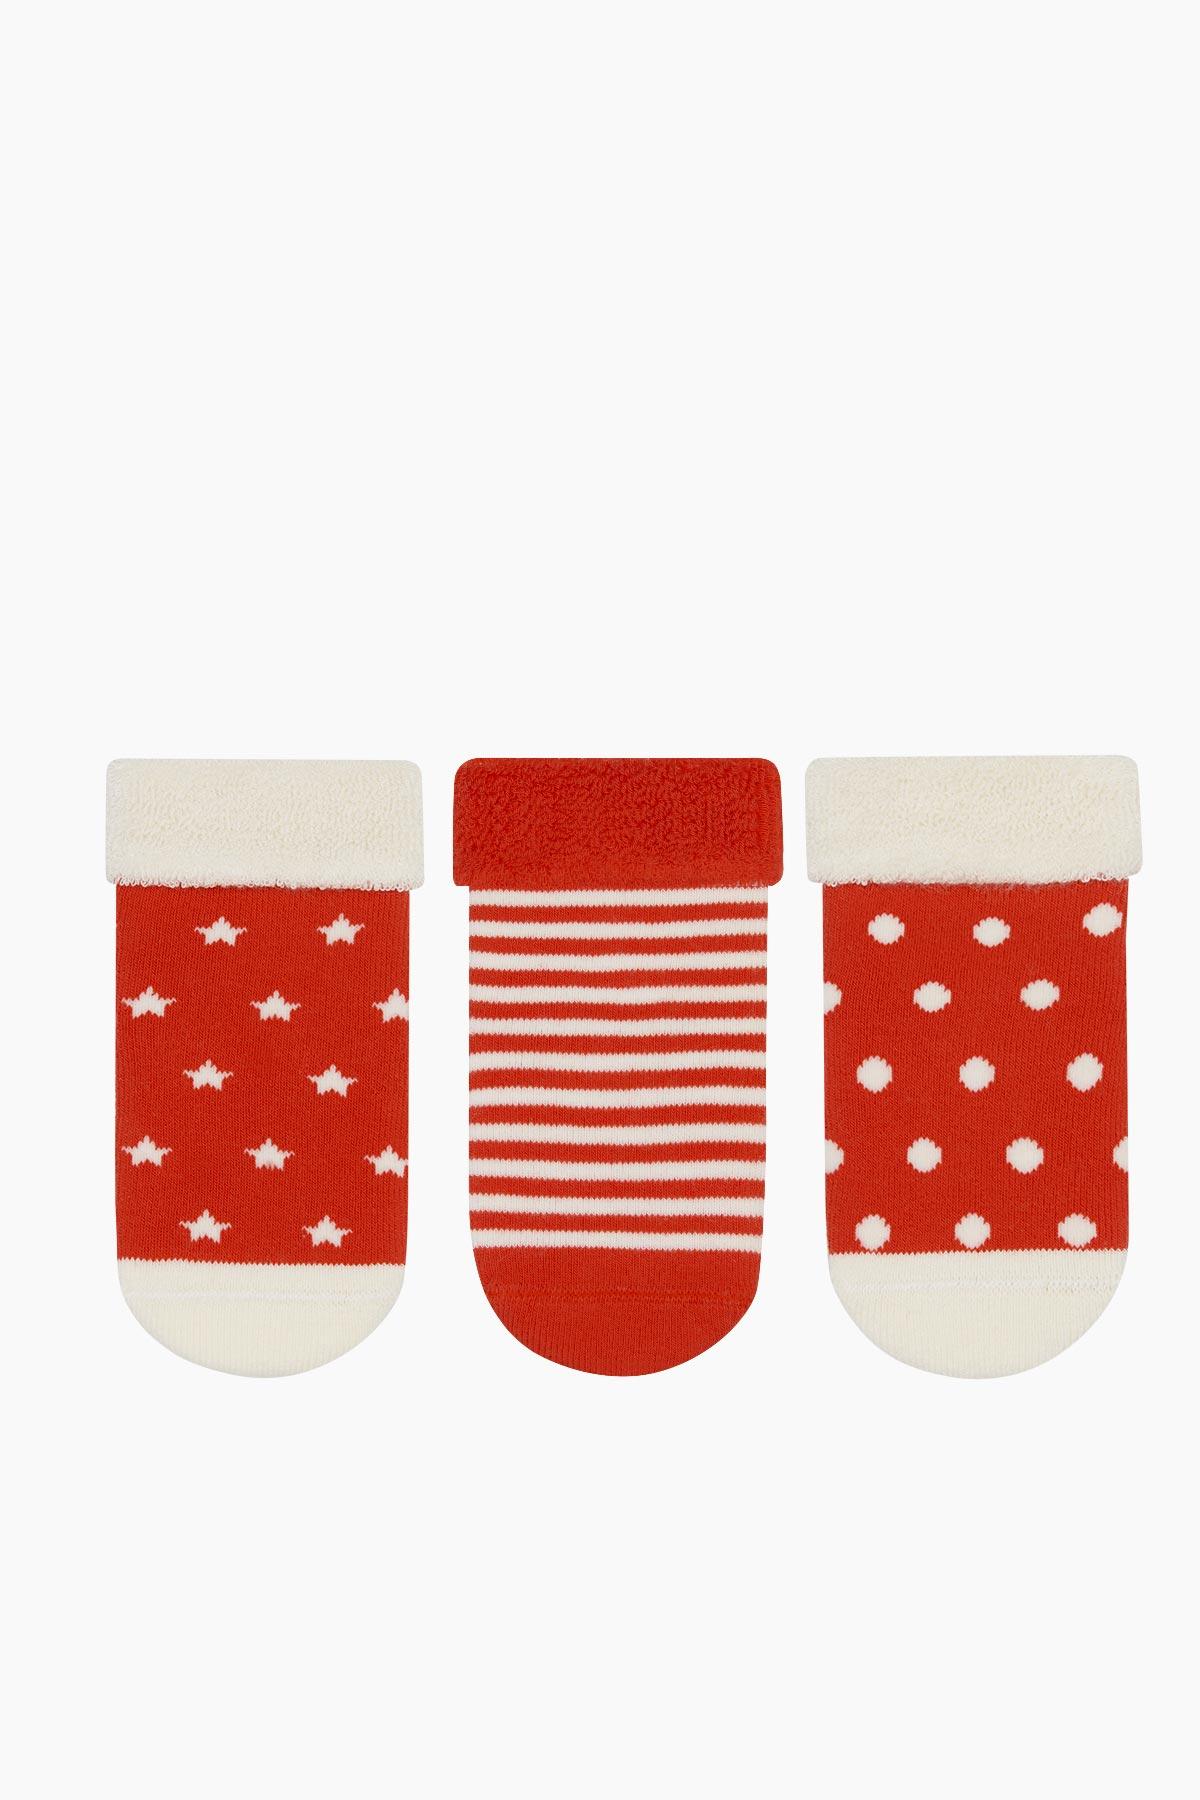 3'lü Paket Puan Çember Yıldız Desenli Taban Altı Kaydırmaz Baskılı Havlu Bebek Çorabı